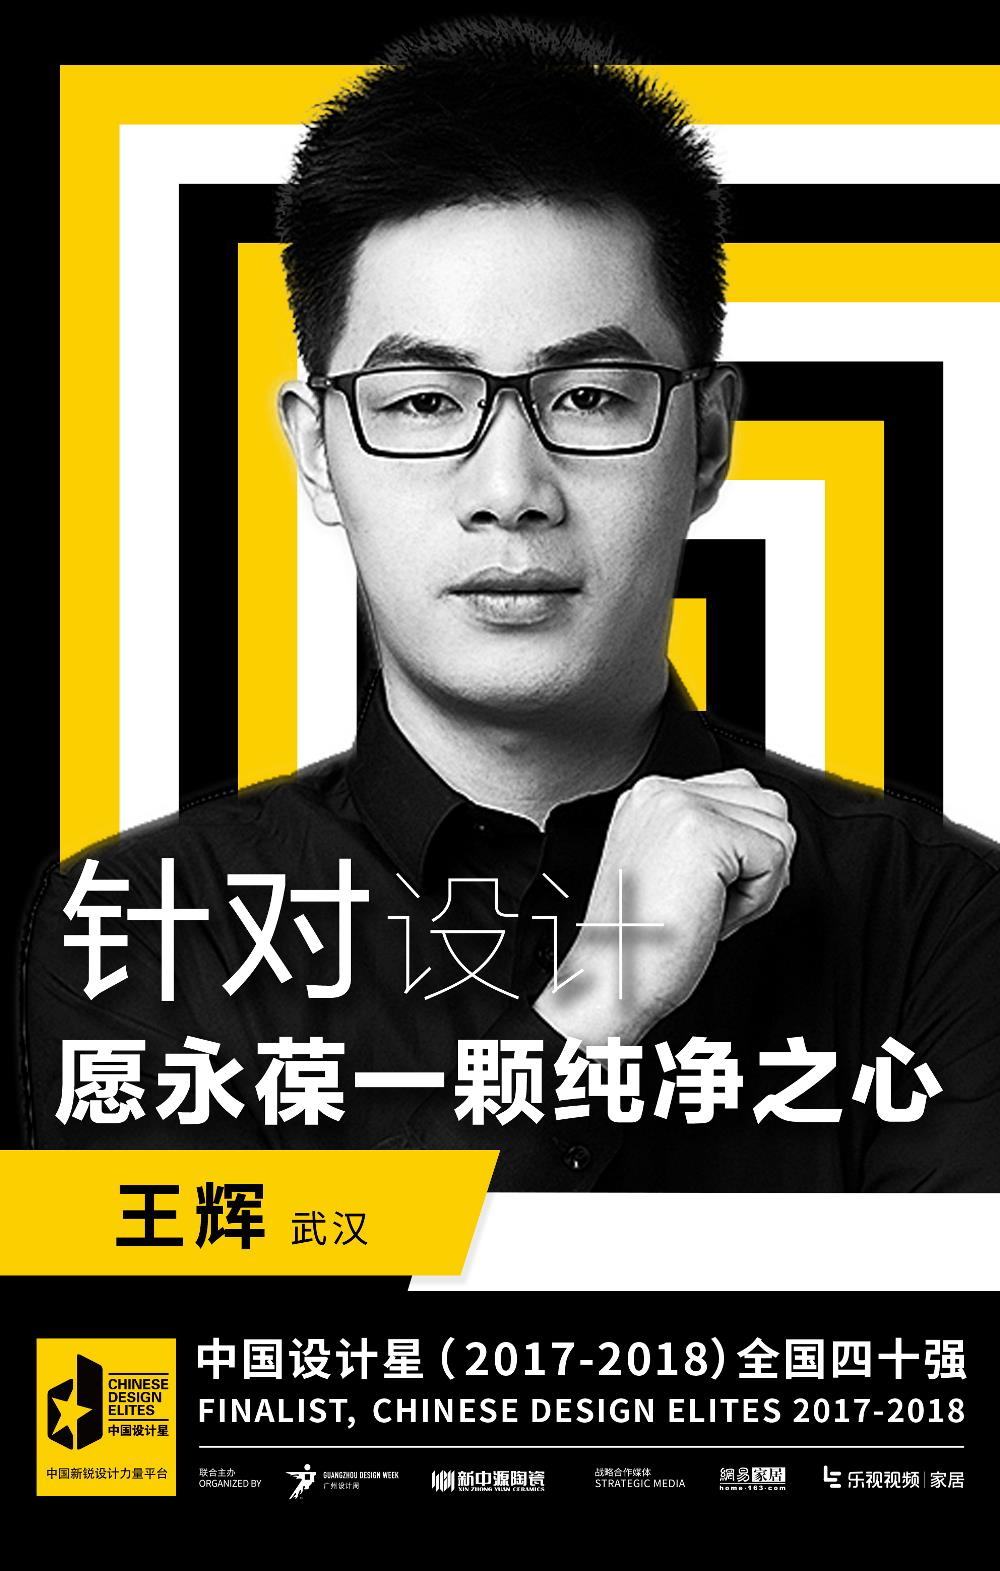 泉州个人形象-王辉.jpg